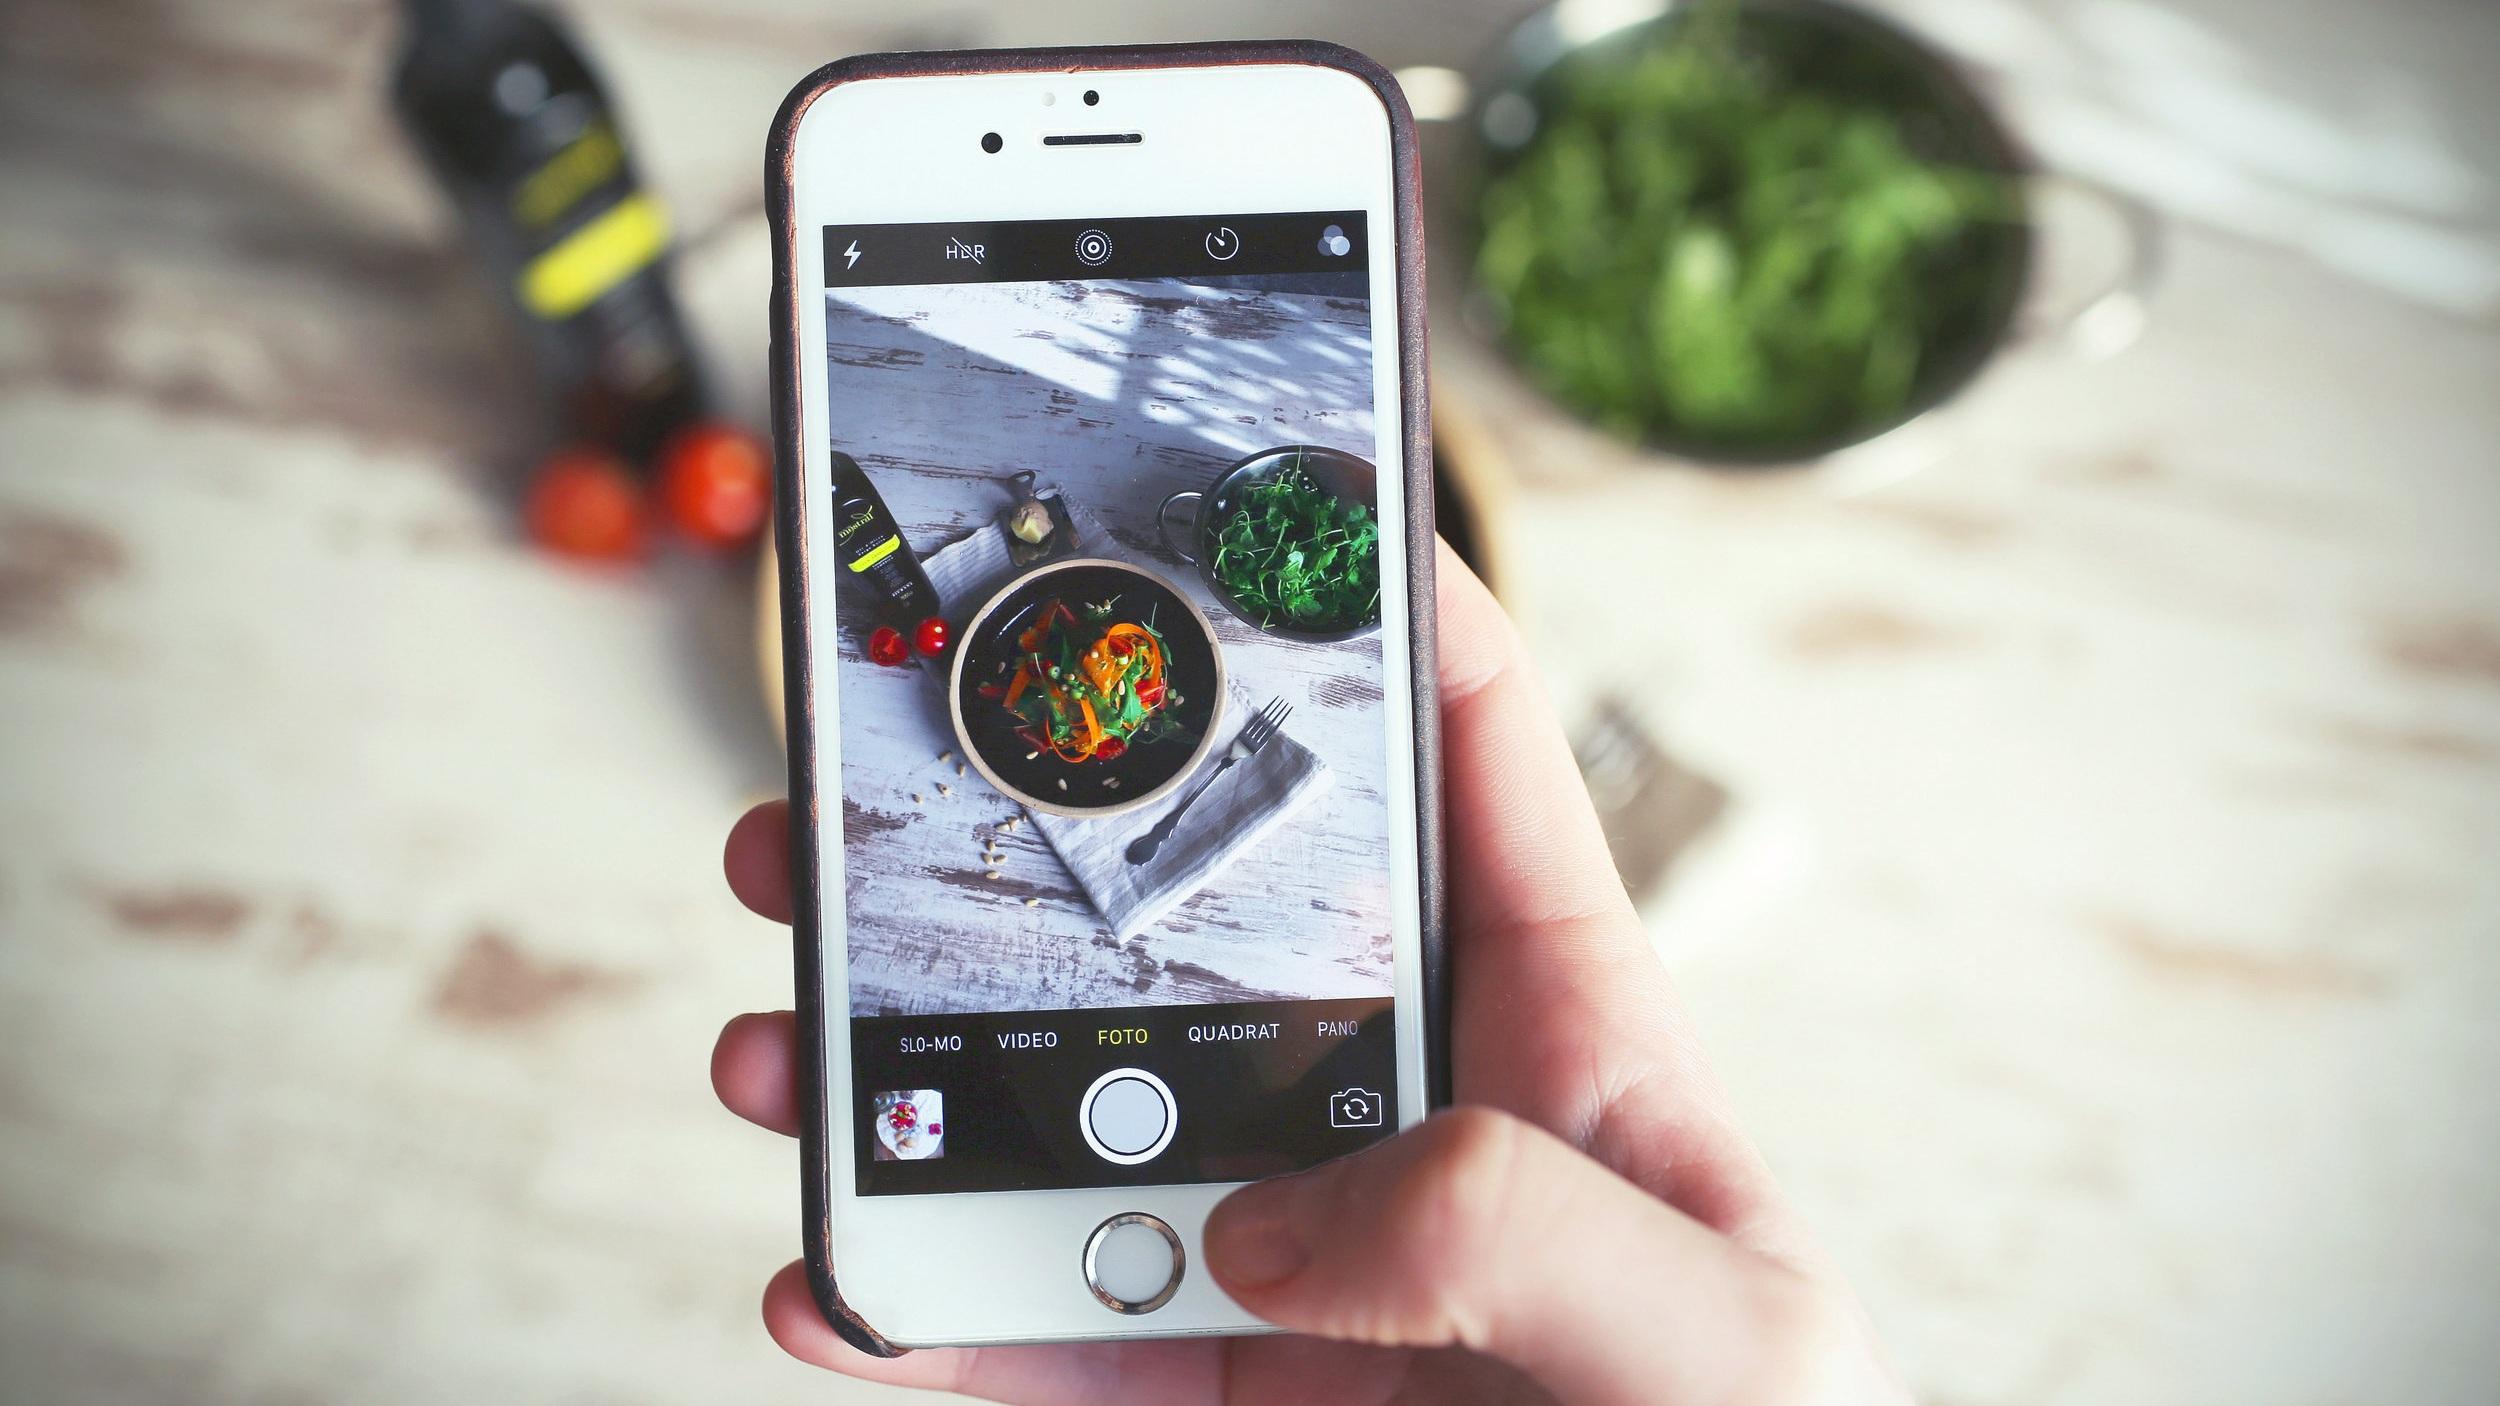 Sommeliers podem aproveitar as mídias sociais para contar a história do seu restaurante, apresentar novidades na carta e atrair os clientes. Fonte:  Unsplash .